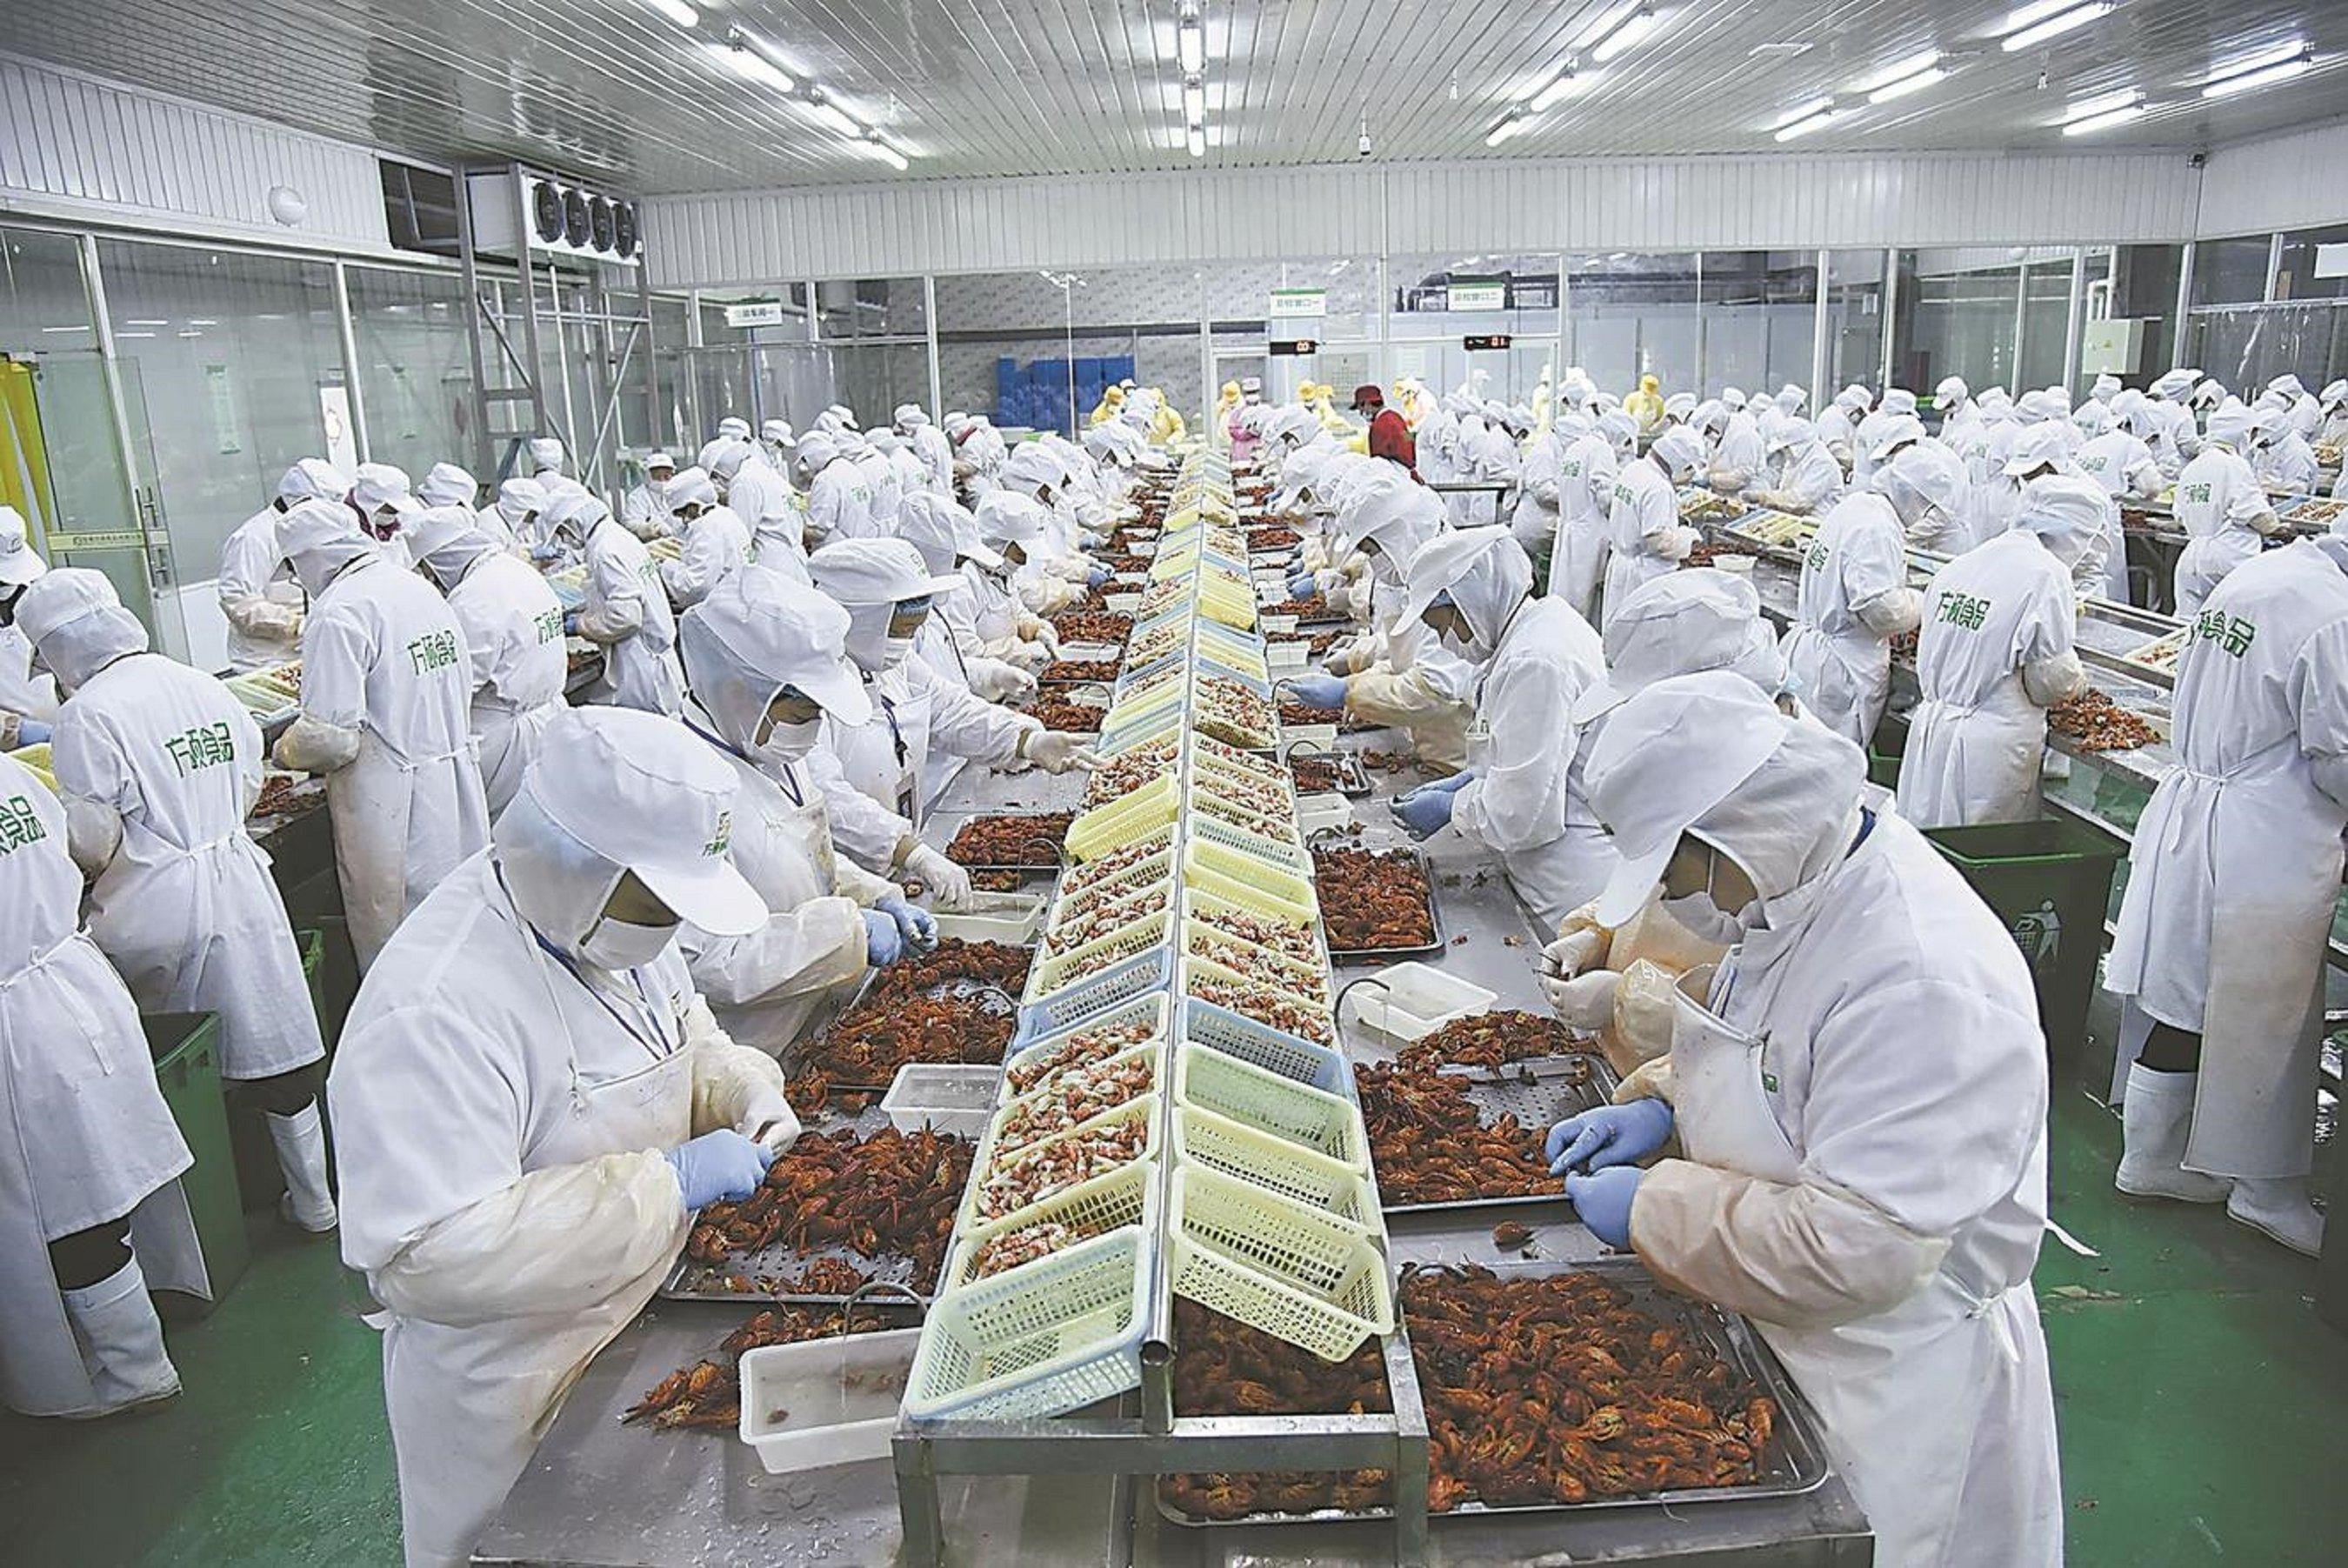 安农学子三下乡:走进长集现代产业园--融合驱动发展,出口拉动经济